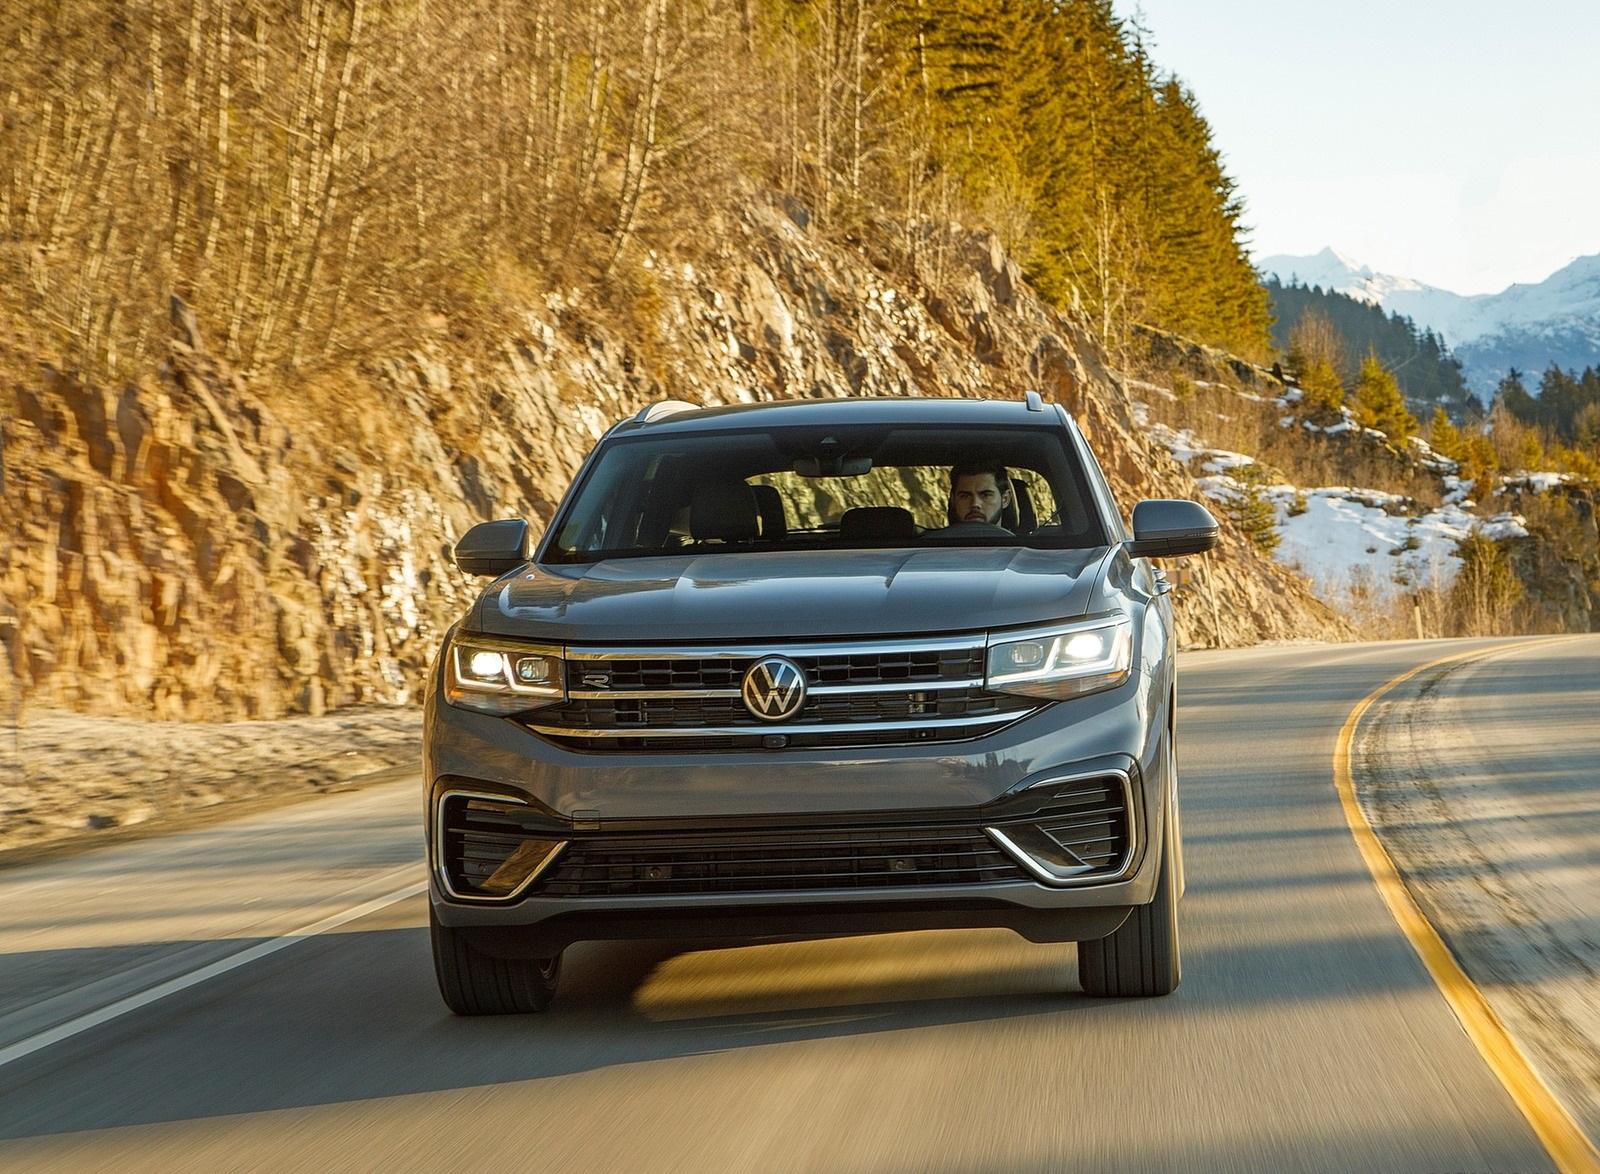 2020 Volkswagen Atlas Cross Sport SEL Premium R Line (Color: Pure Gray) Front Wallpapers (10)